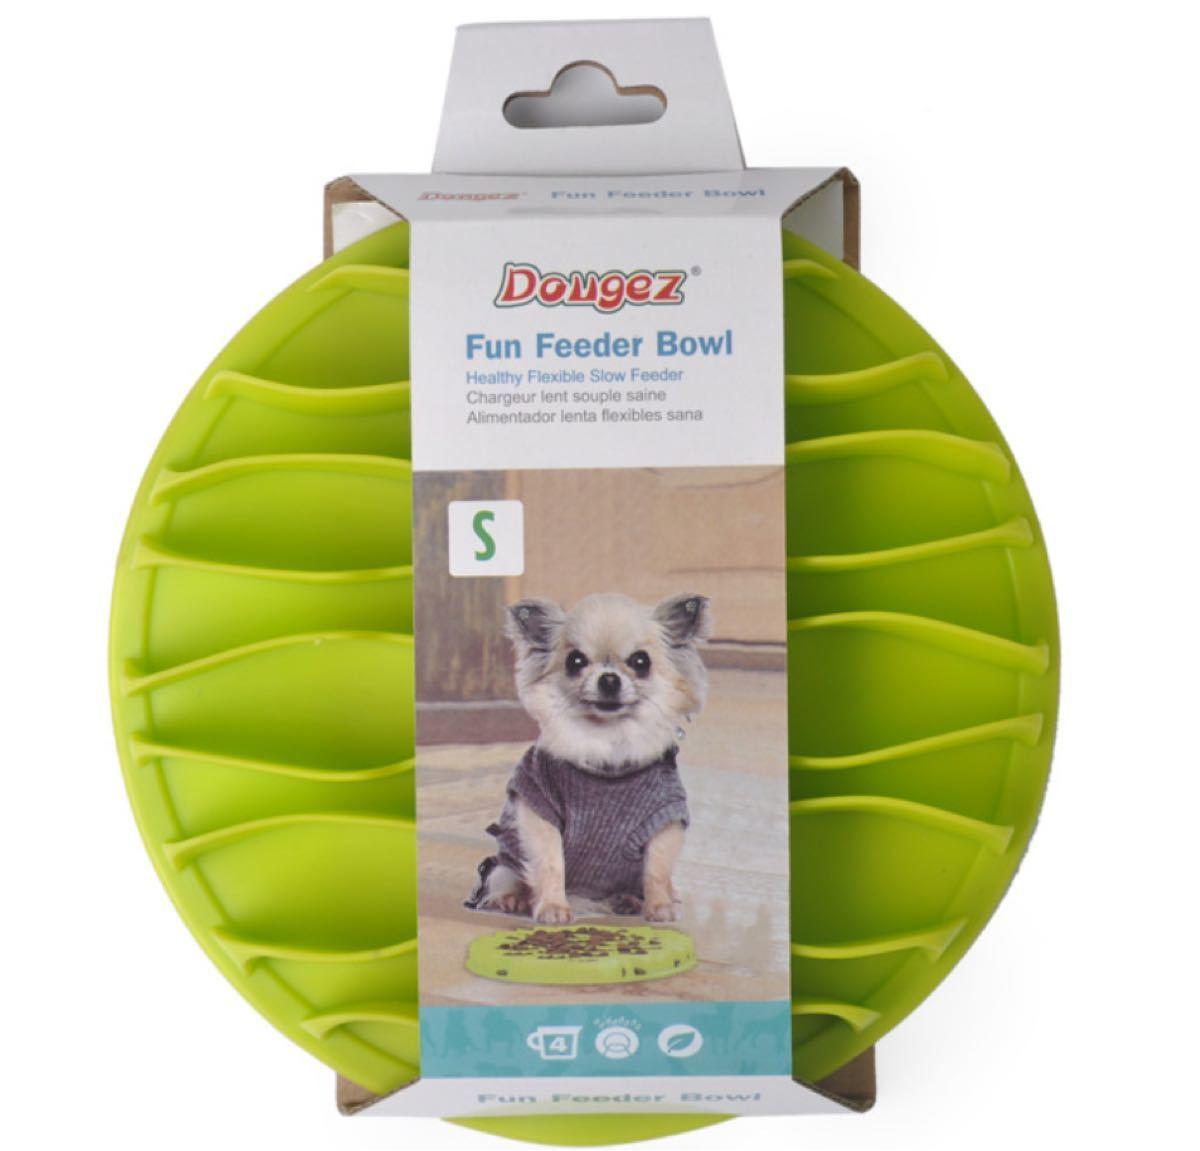 フードボウル 早食い防止 犬用食器 猫用食器 犬用品 猫用品 ペットグッズ